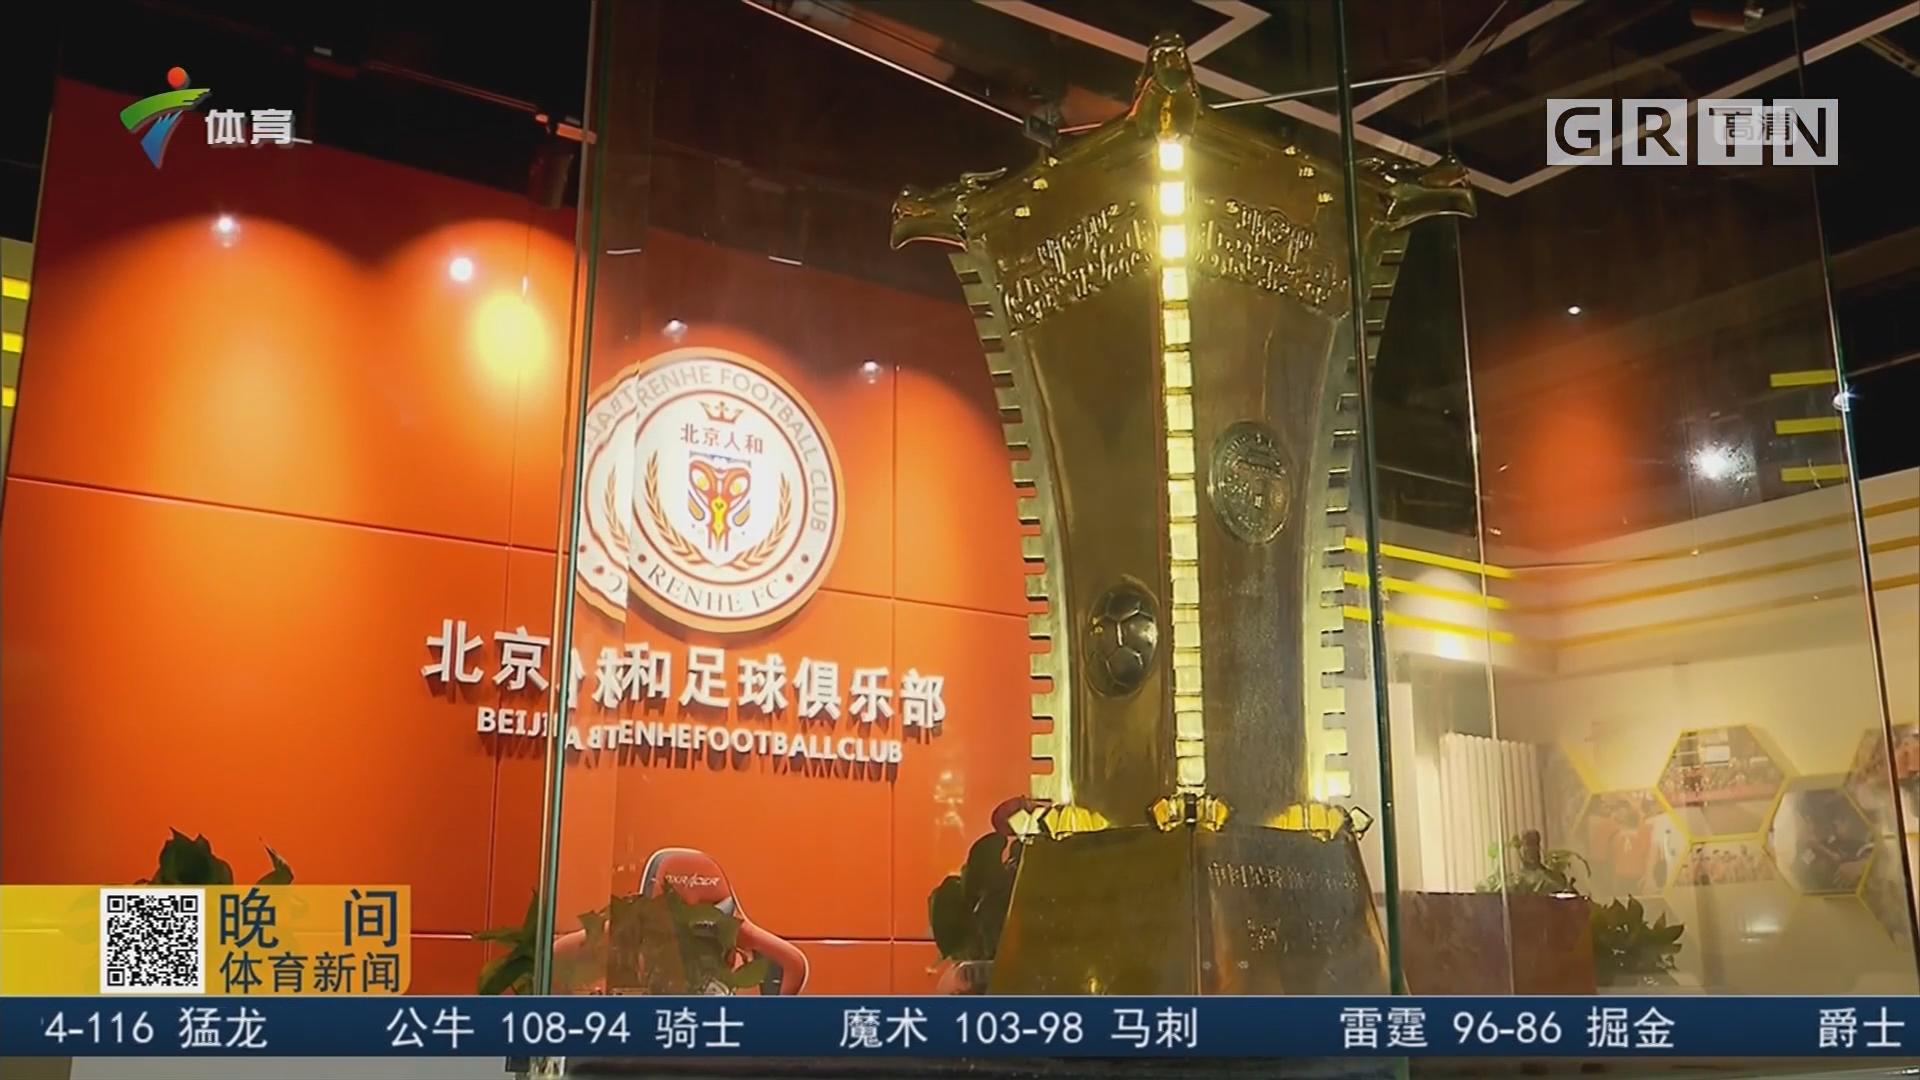 北京人和足球俱乐部